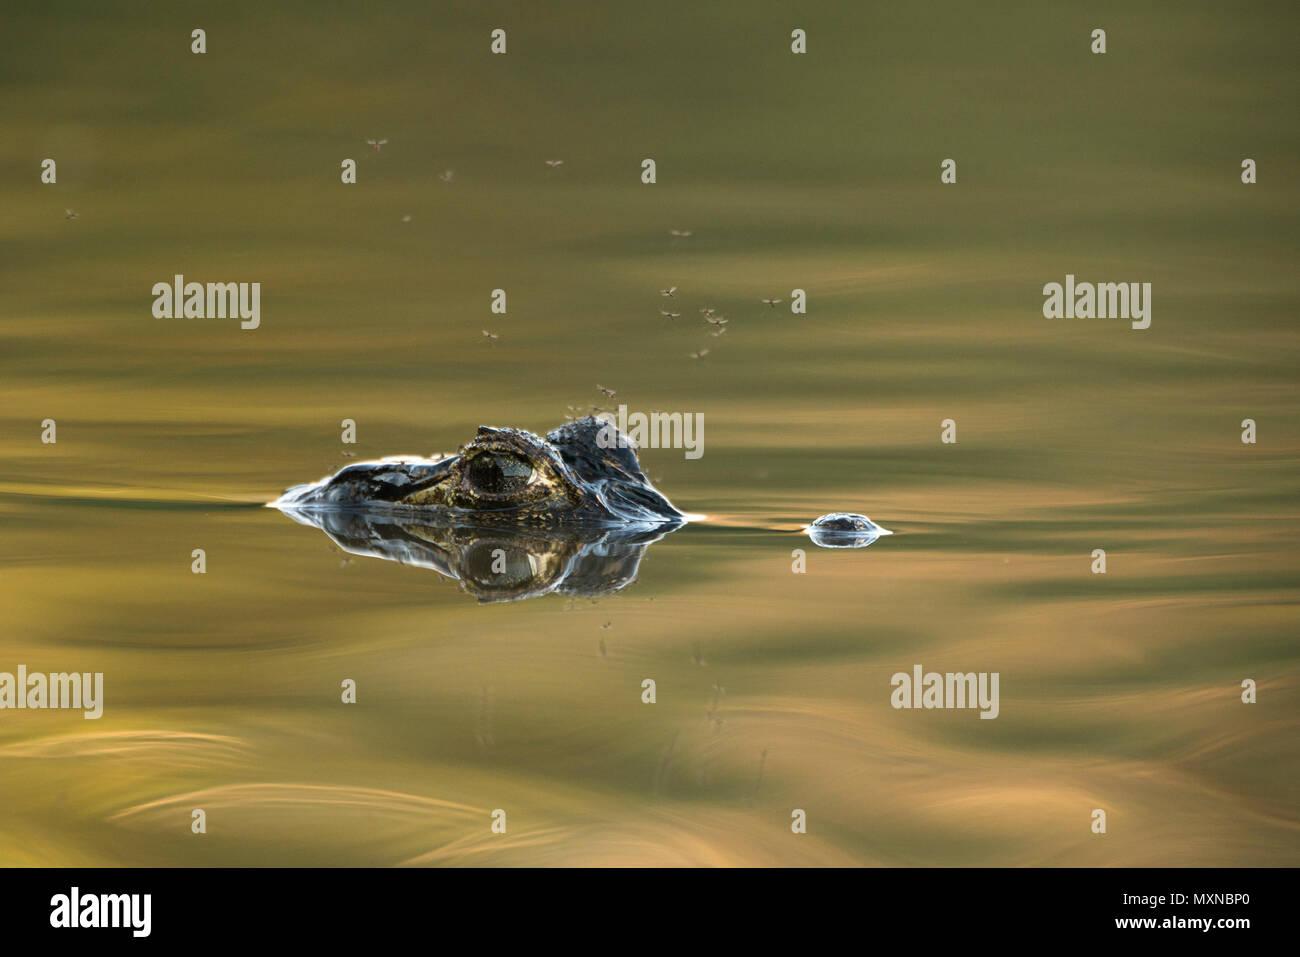 Pantanal Caiman (Caiman yacare) - Stock Image